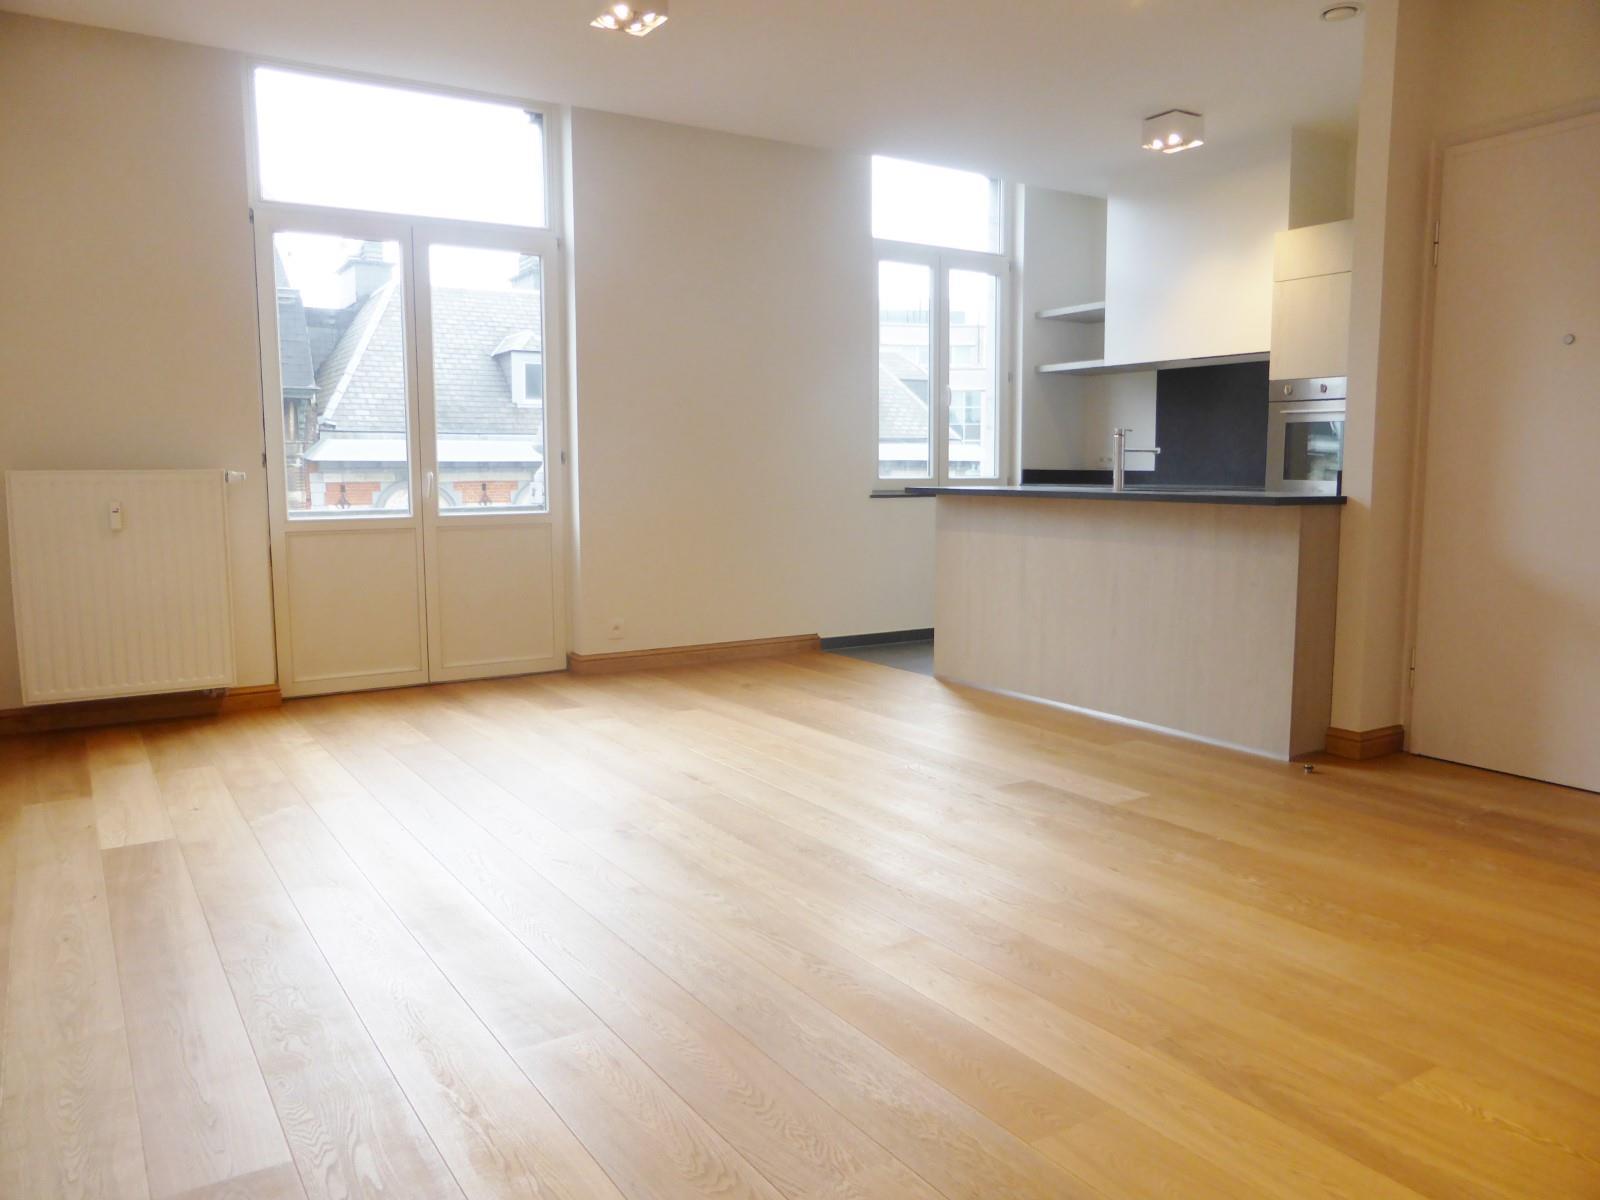 Appartement exceptionnel - Bruxelles - #3965237-28